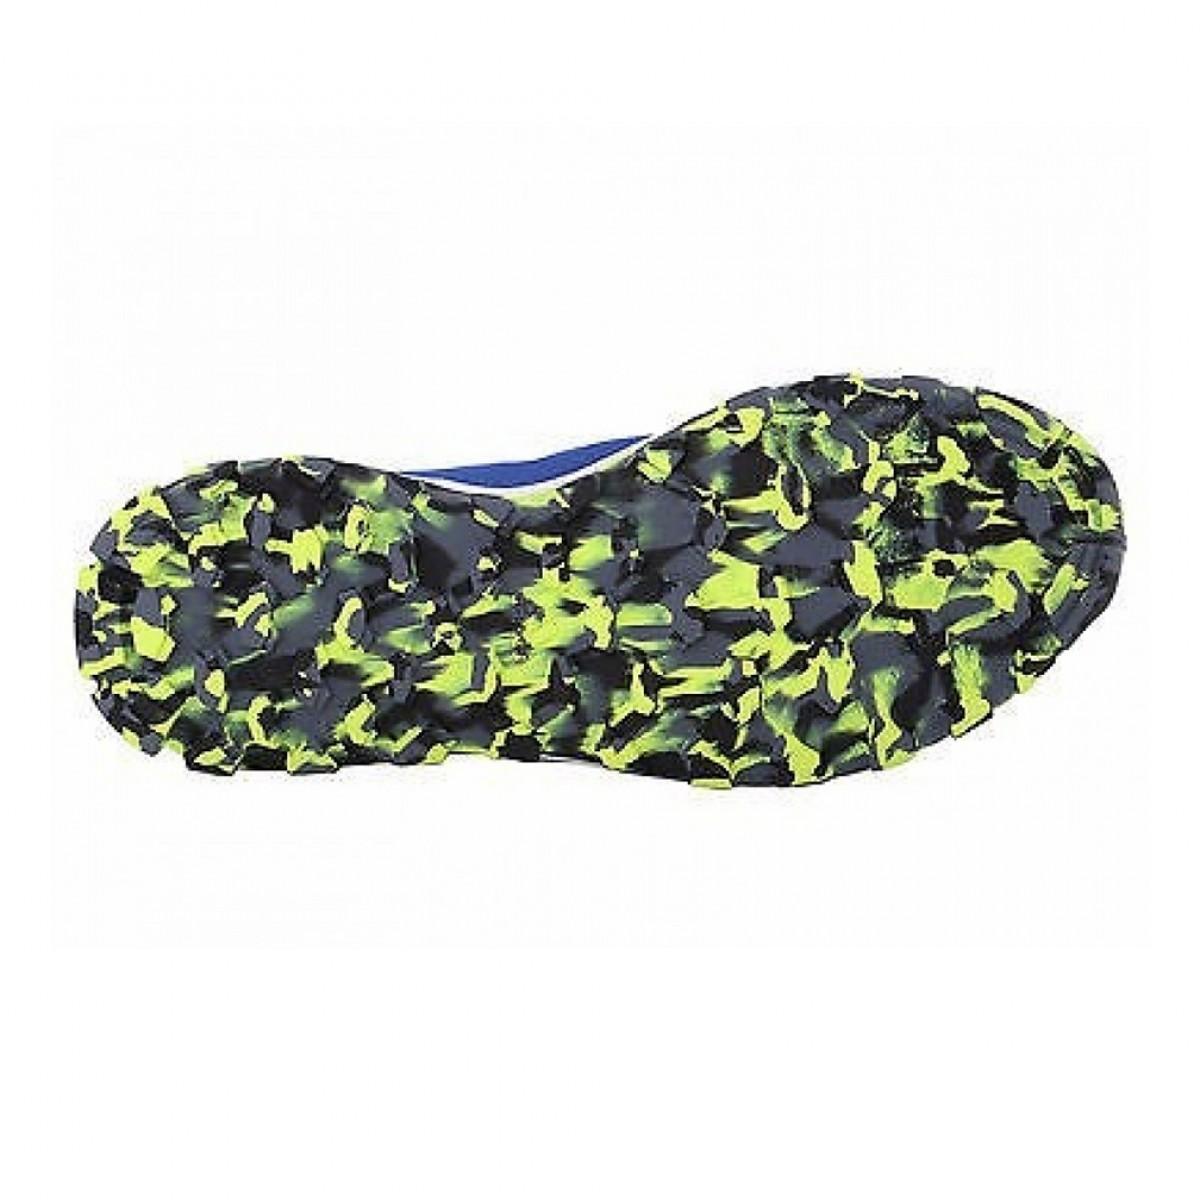 59c1d916f98 Tênis Adidas Vigor 6 Tr Masculino Azul e Verde - Compre Agora ...